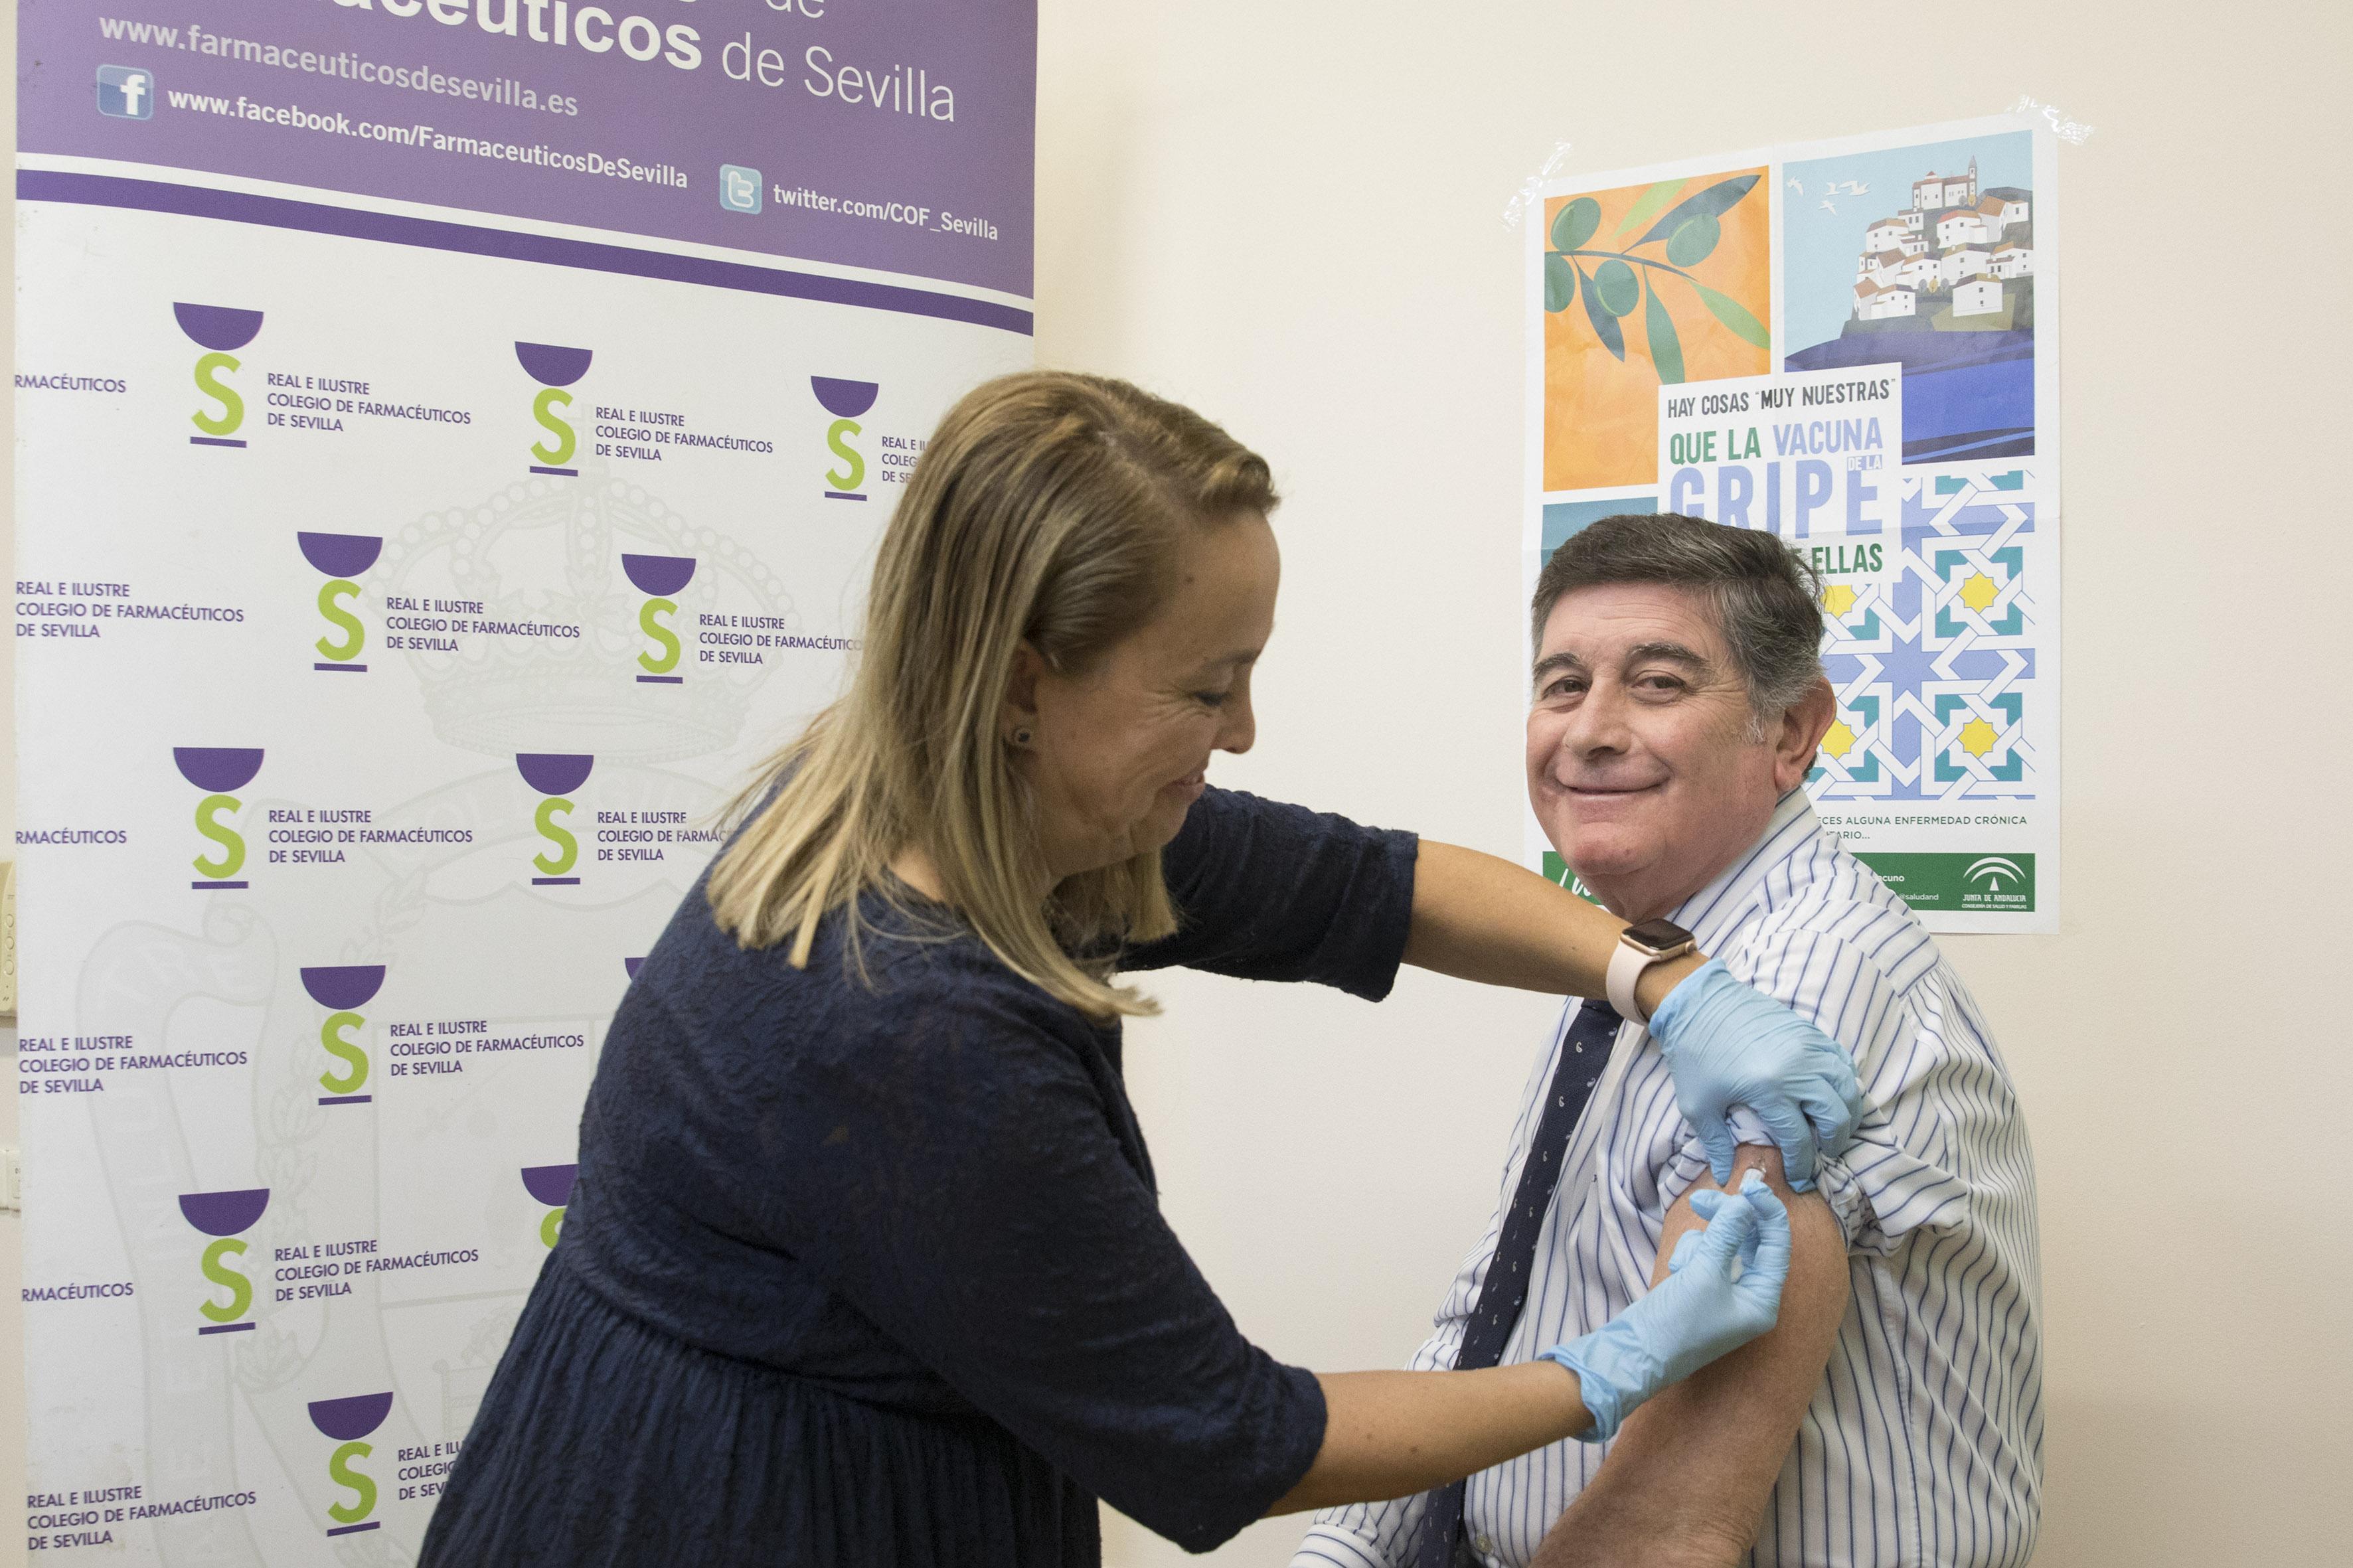 Compromiso de los farmacéuticos sevillanos con la vacunación antigripal